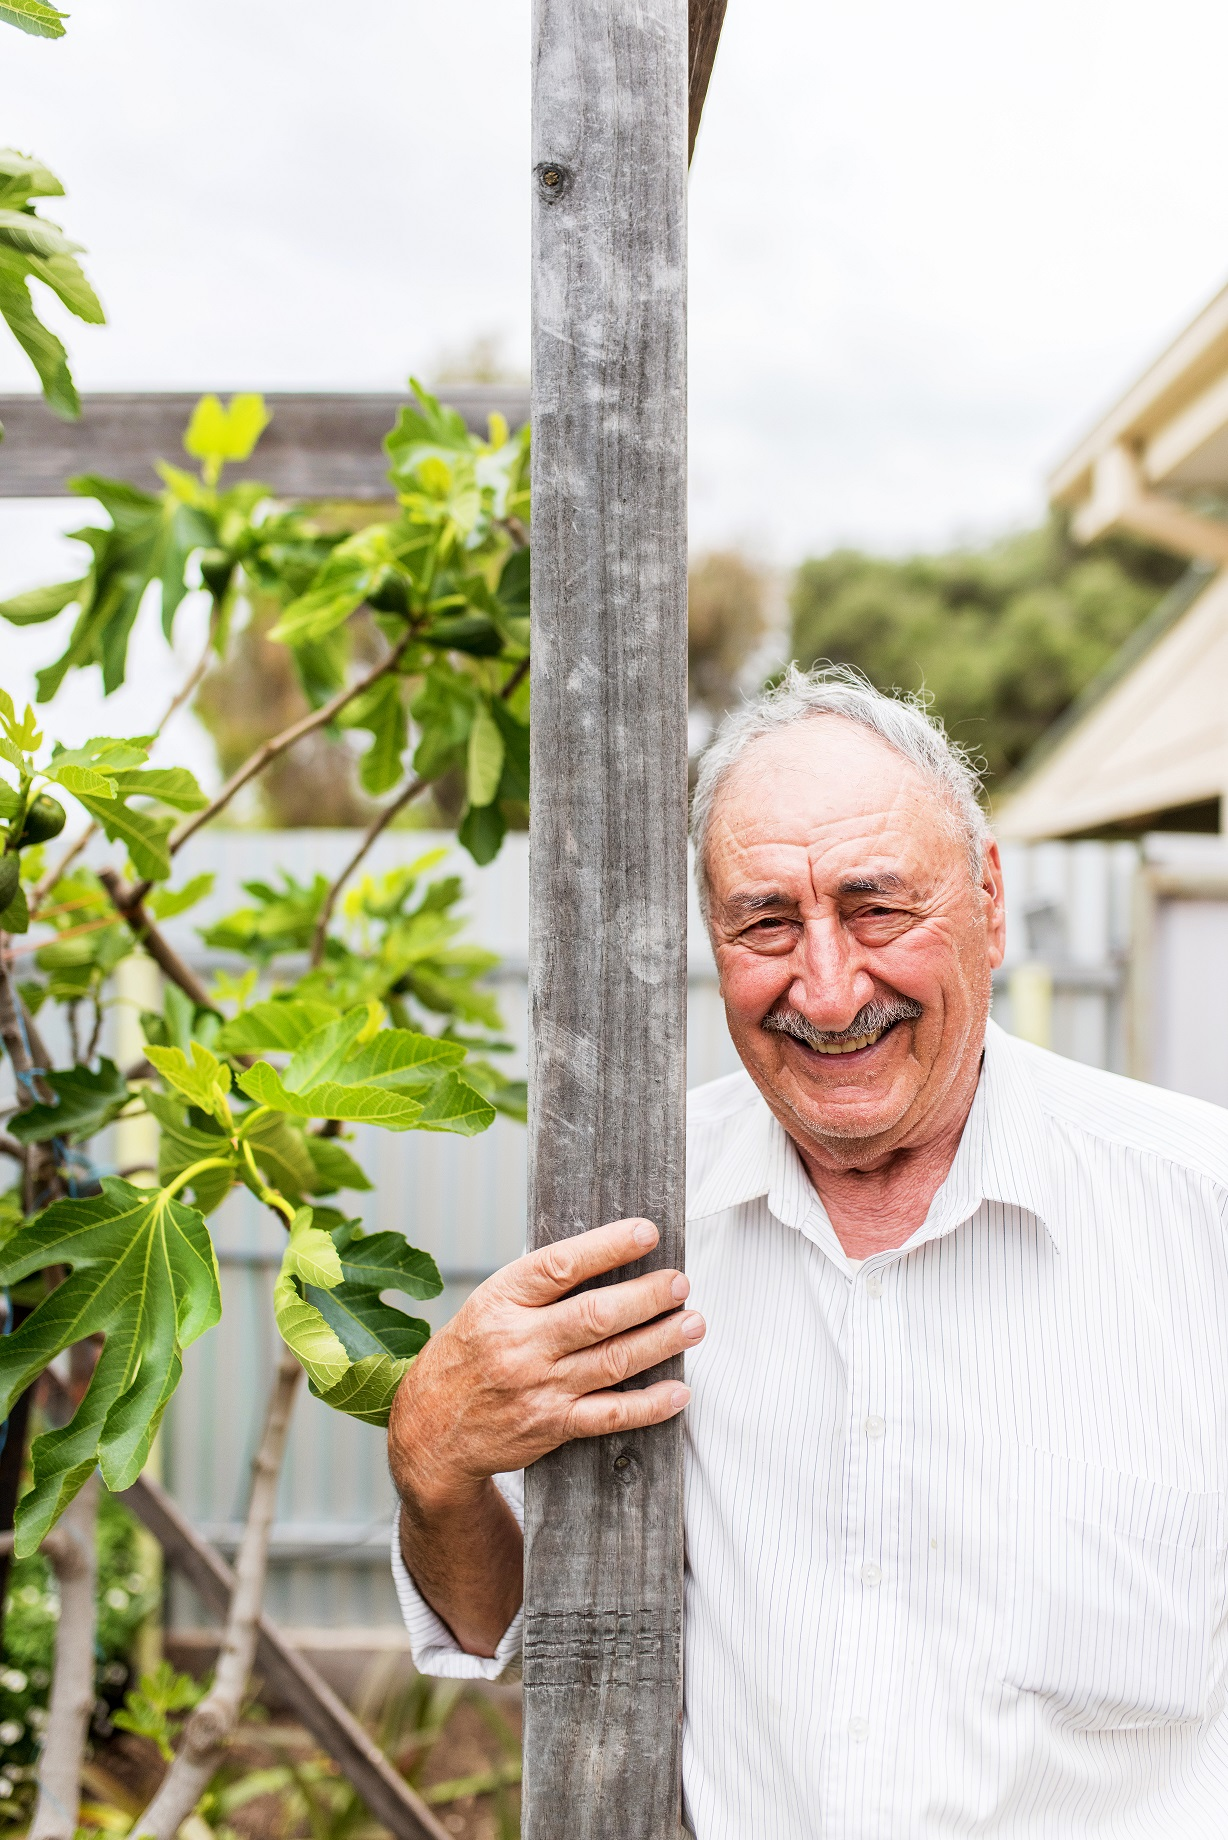 Older man in a garden